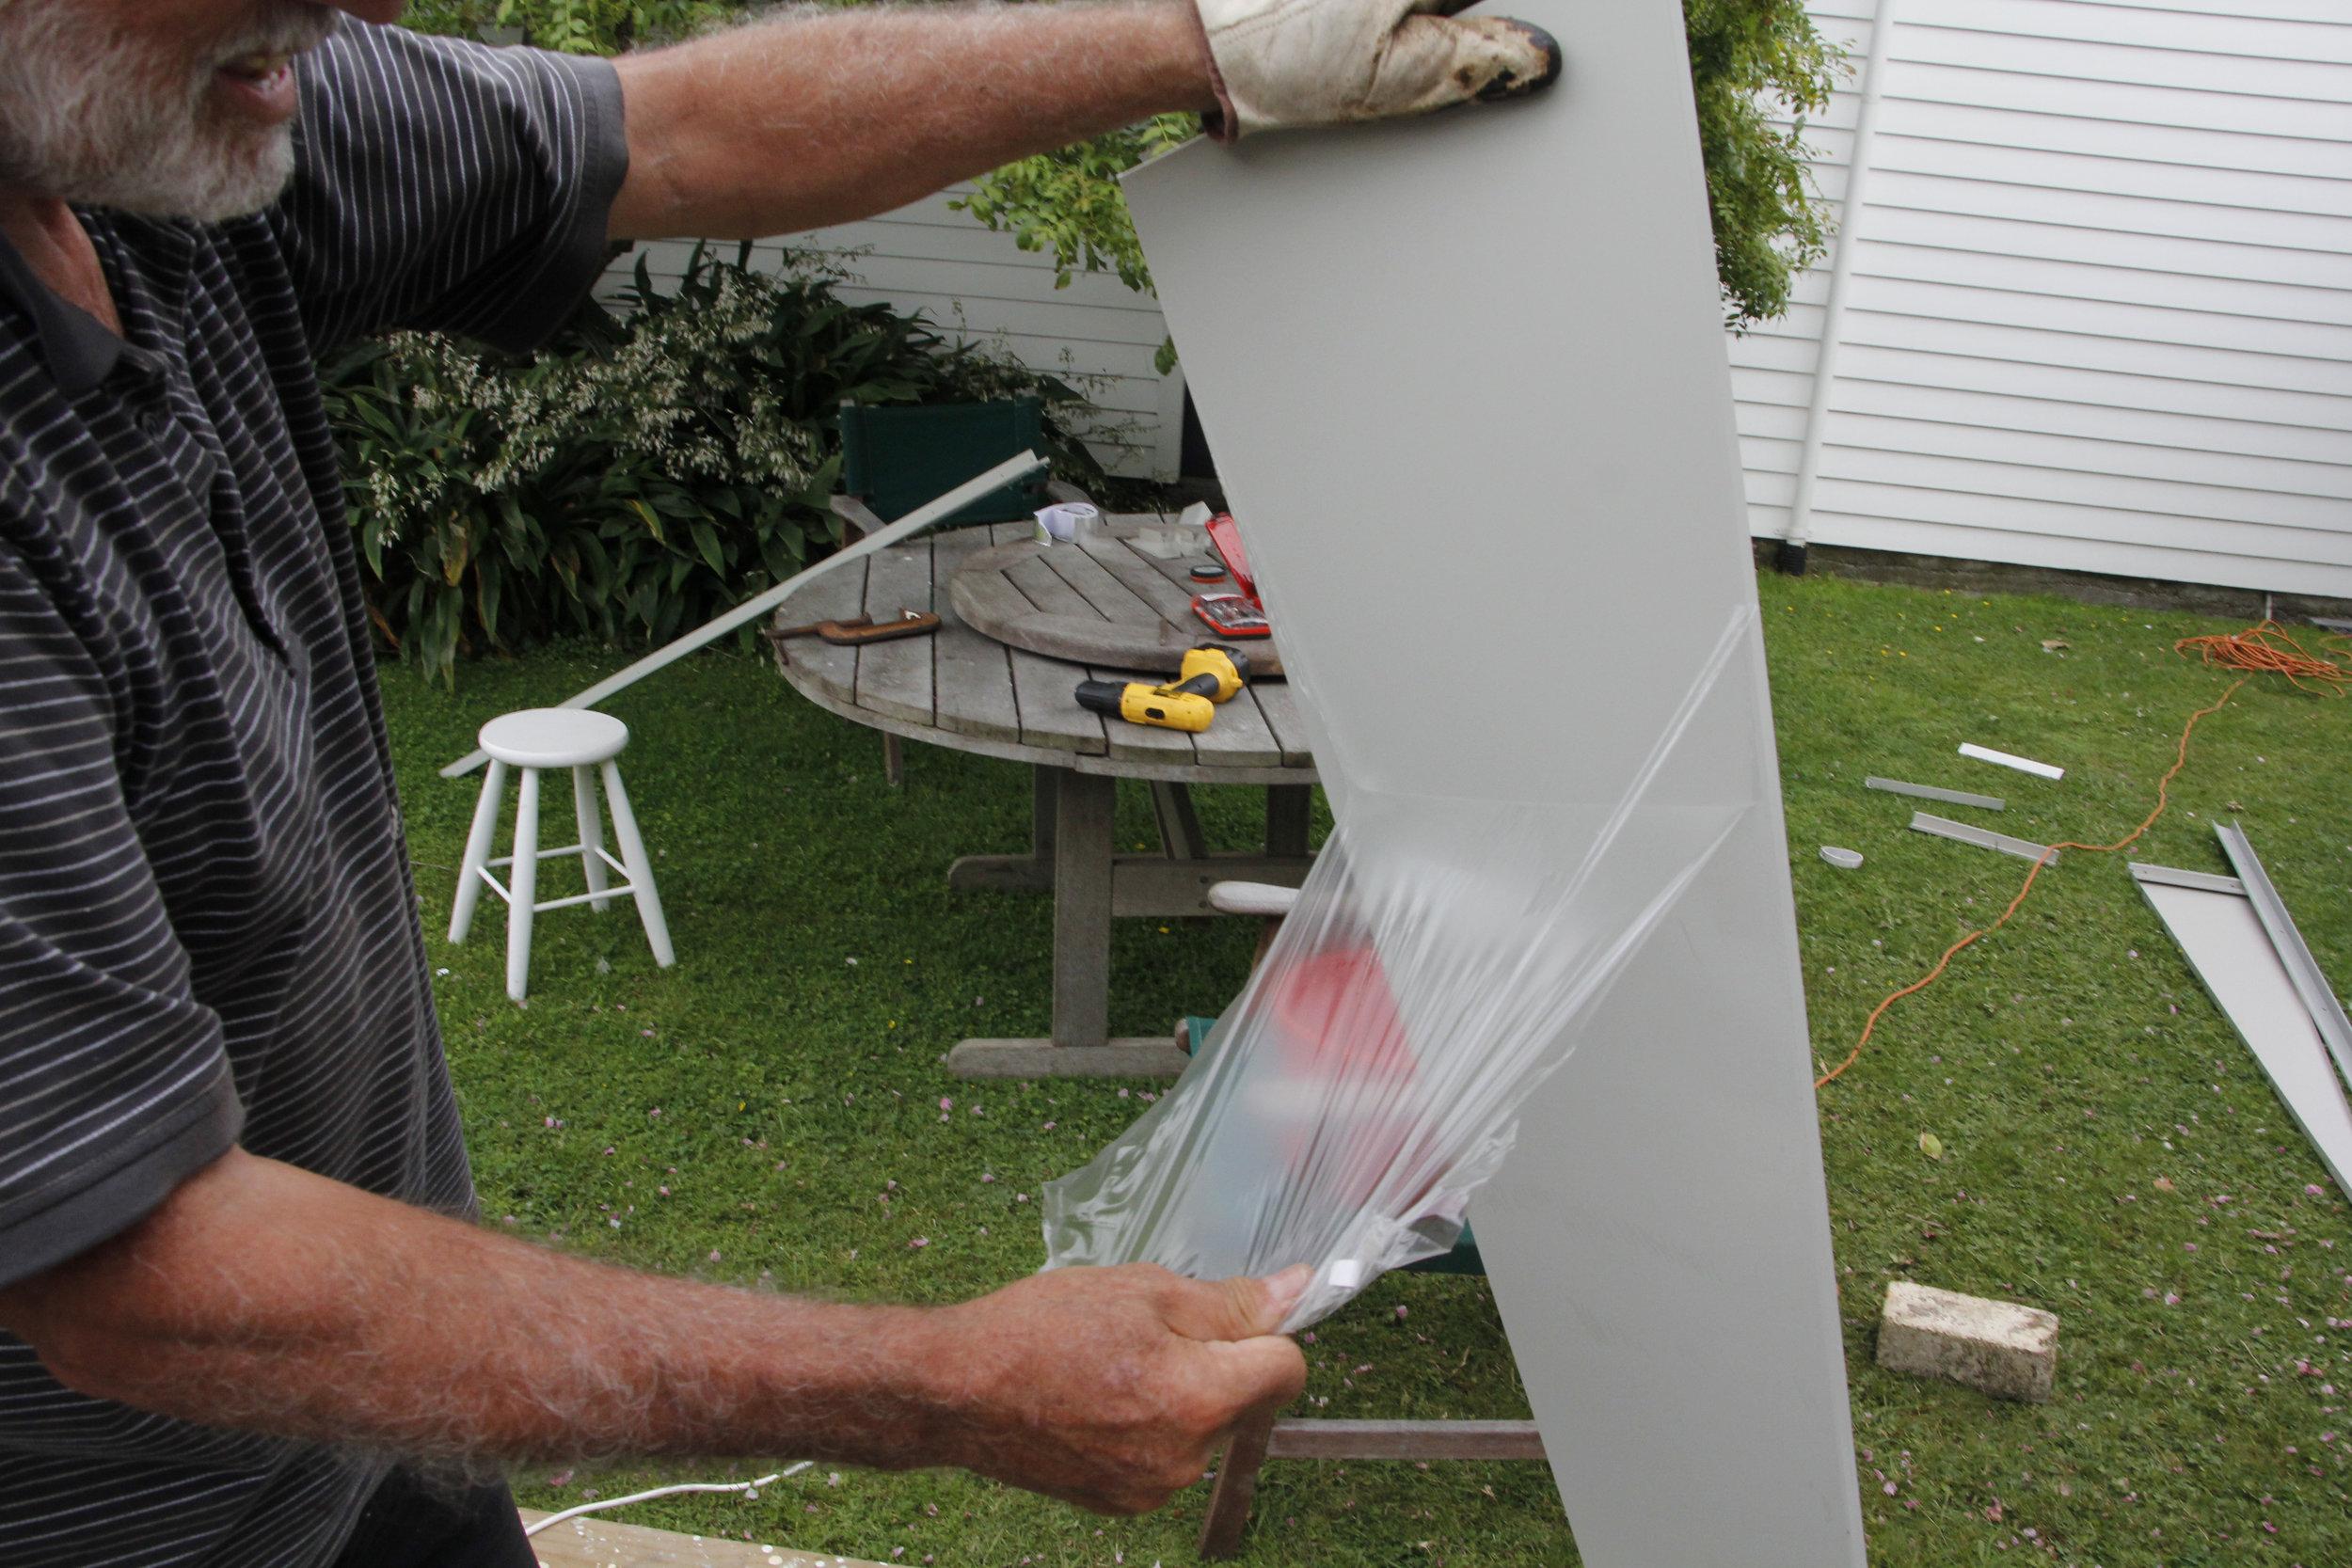 shed 09 timewasting clingwrap #3.jpg